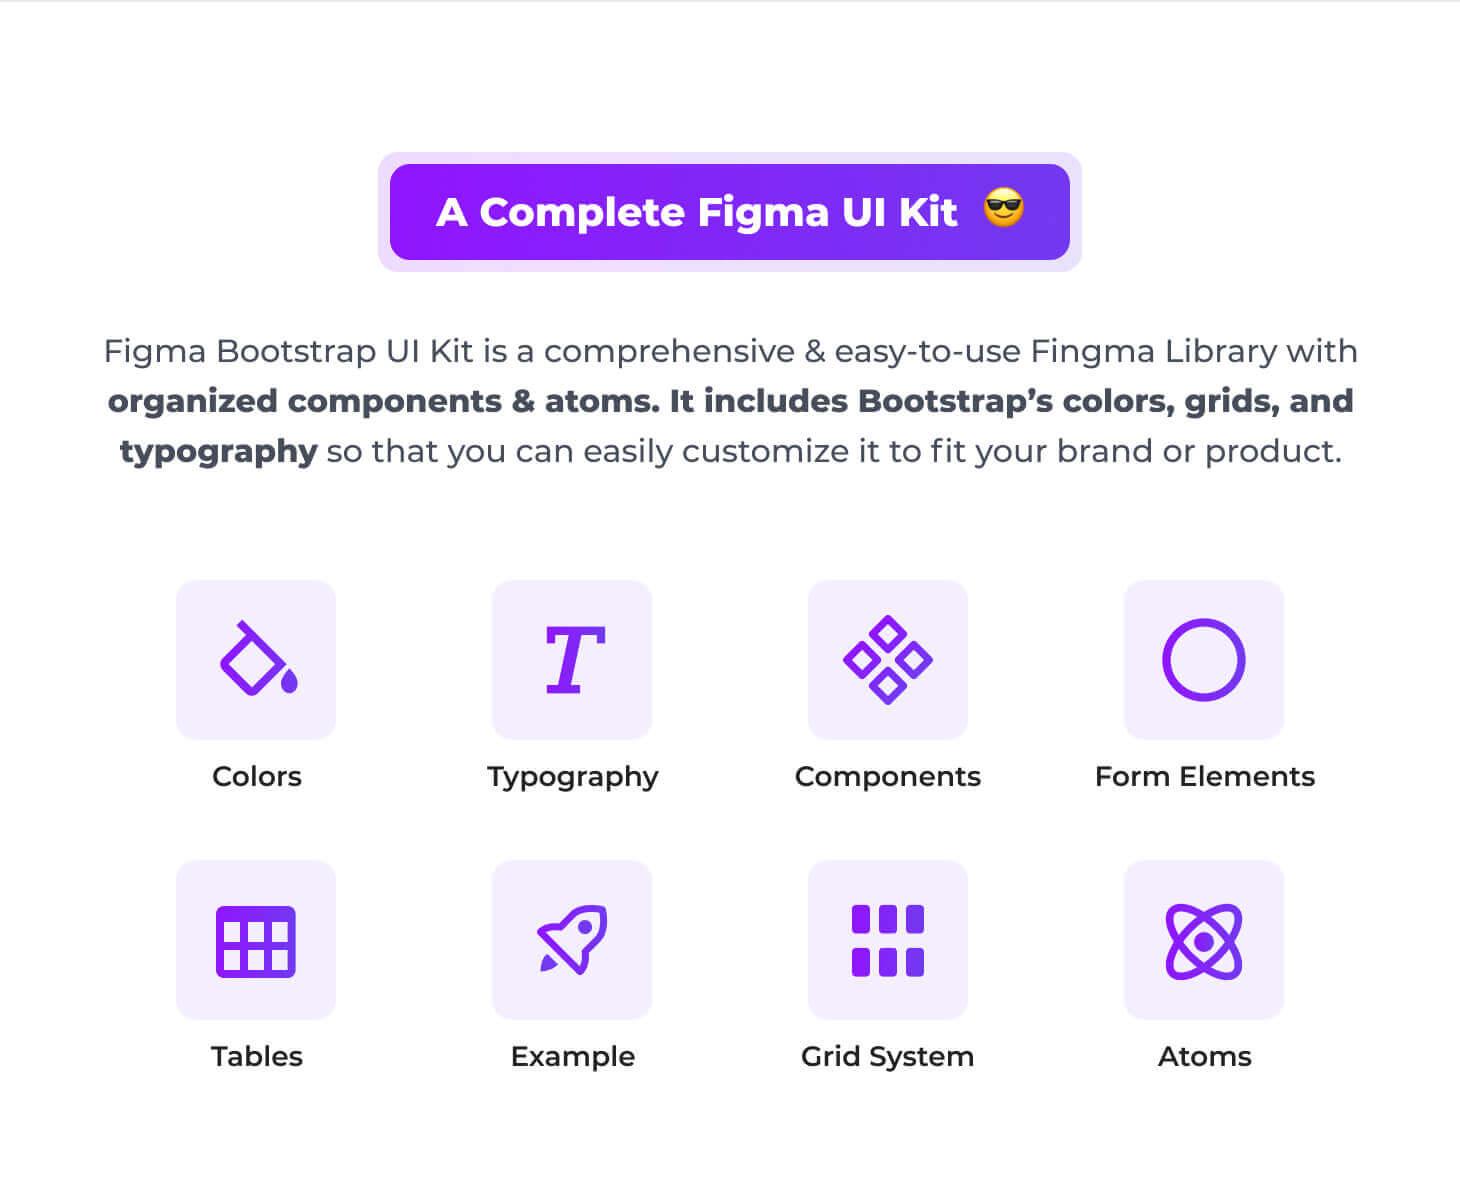 A Complete Figma UI Kit